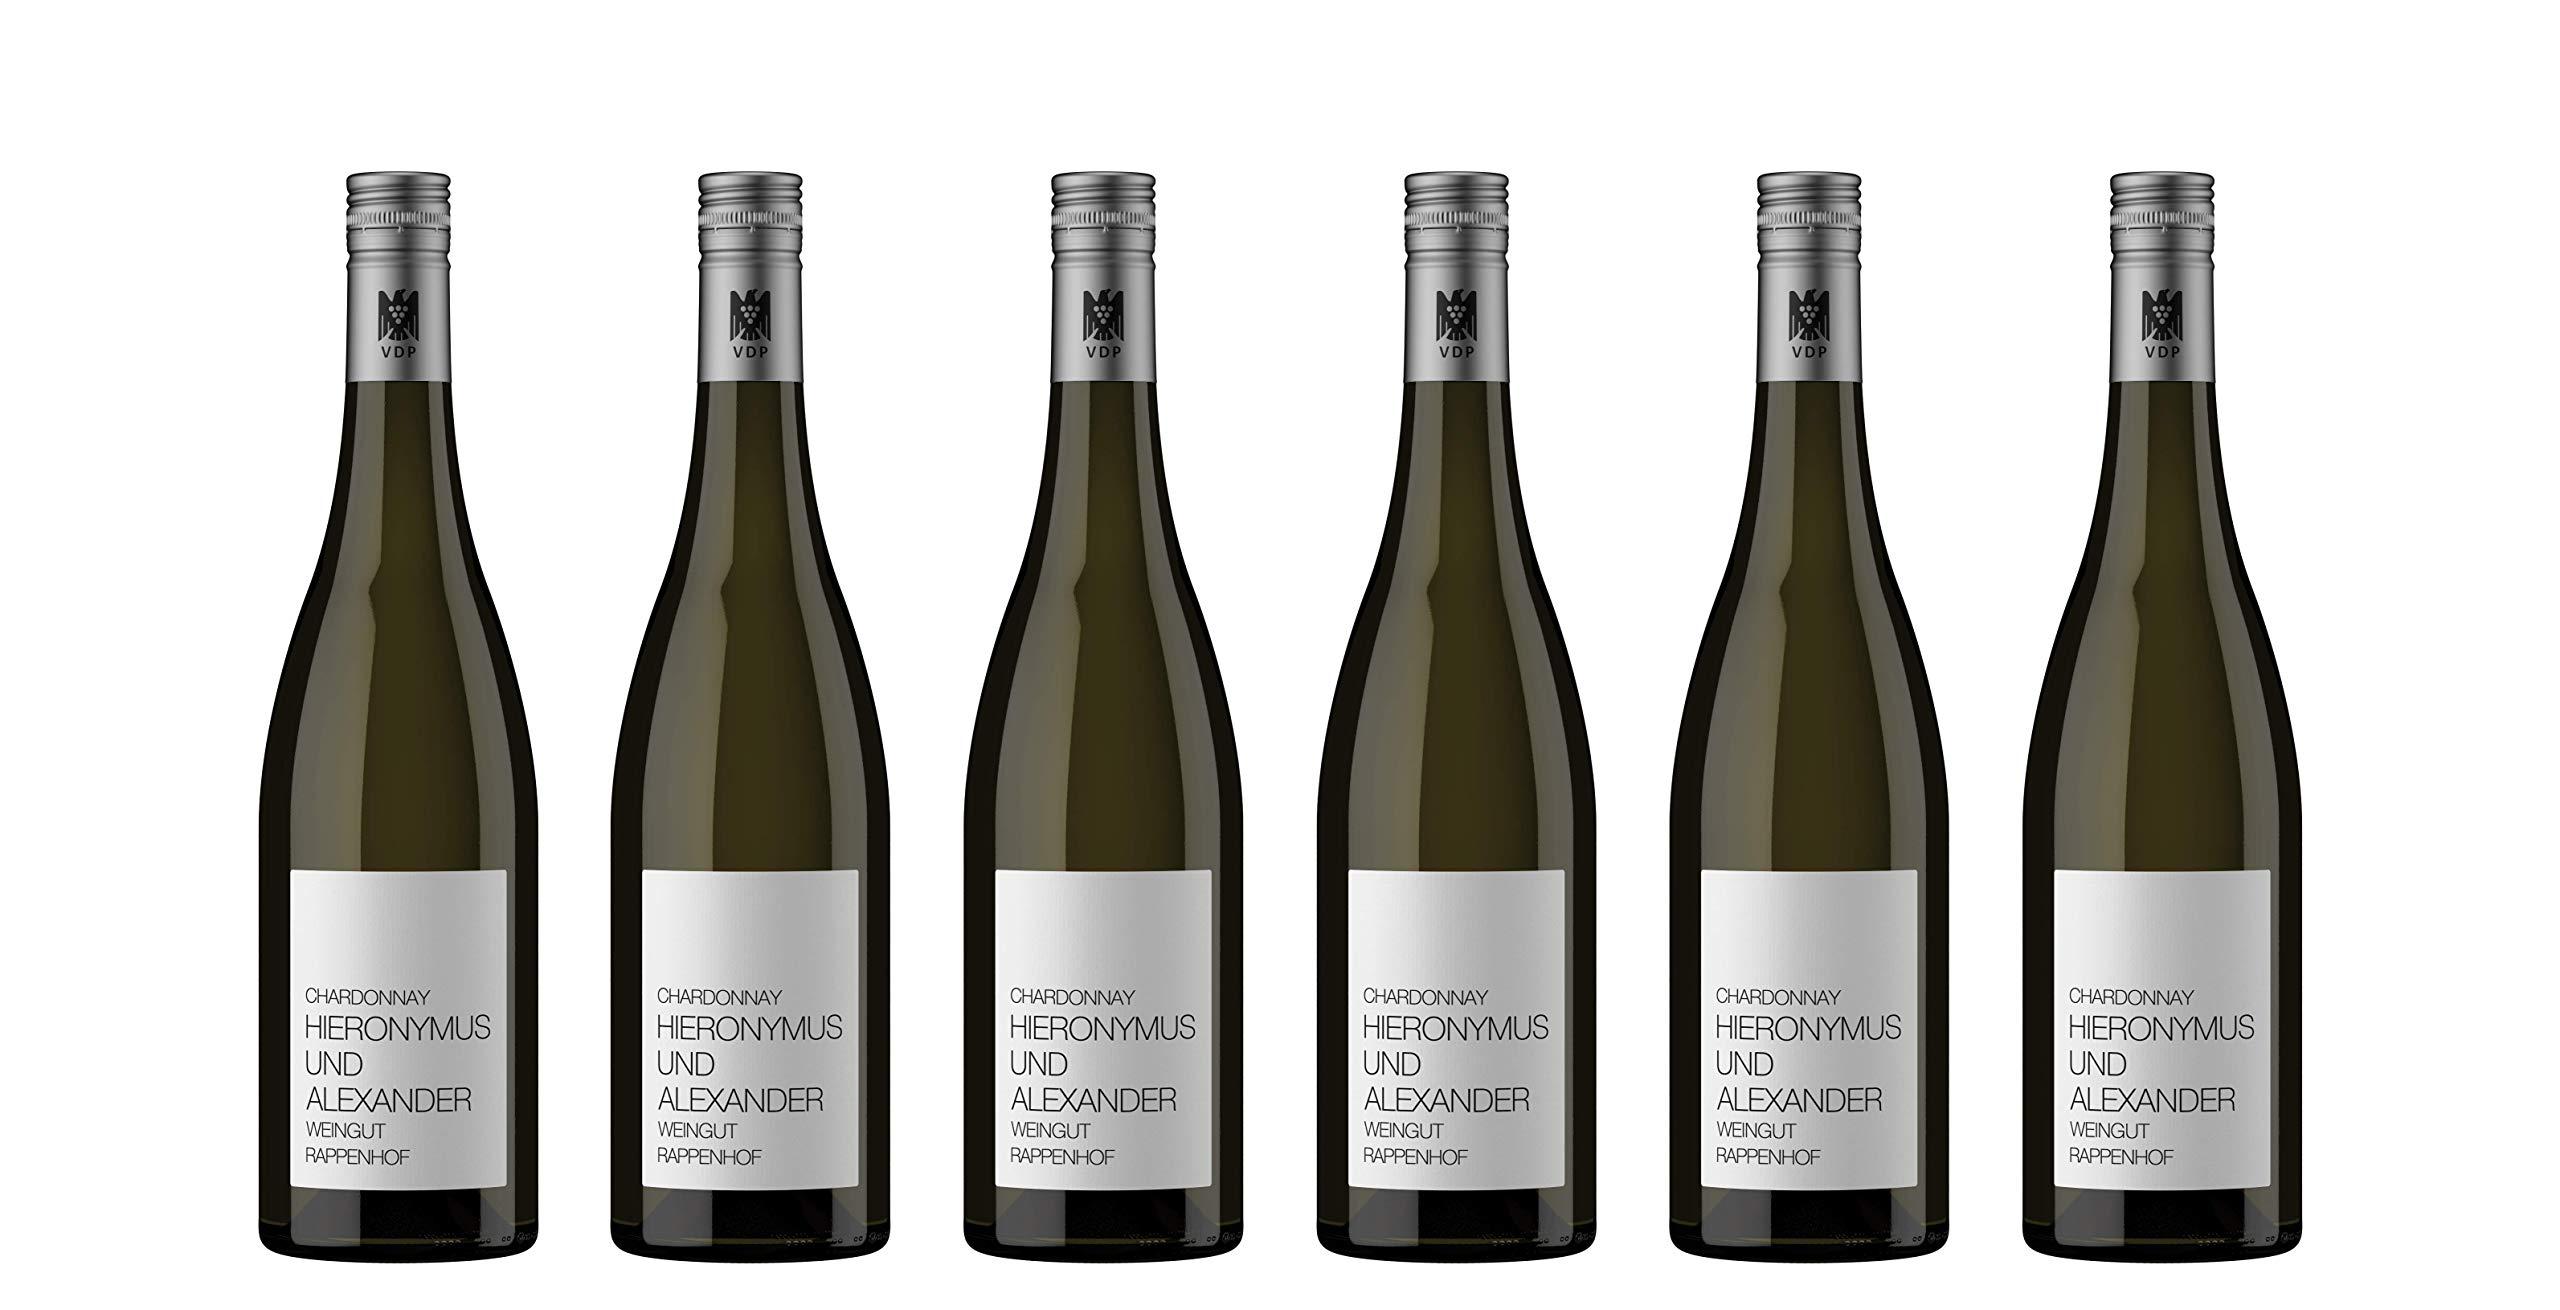 Hieronymus-und-Alexander-Chardonnay-VDPGutswein-2018-trocken-6-x-750-ml